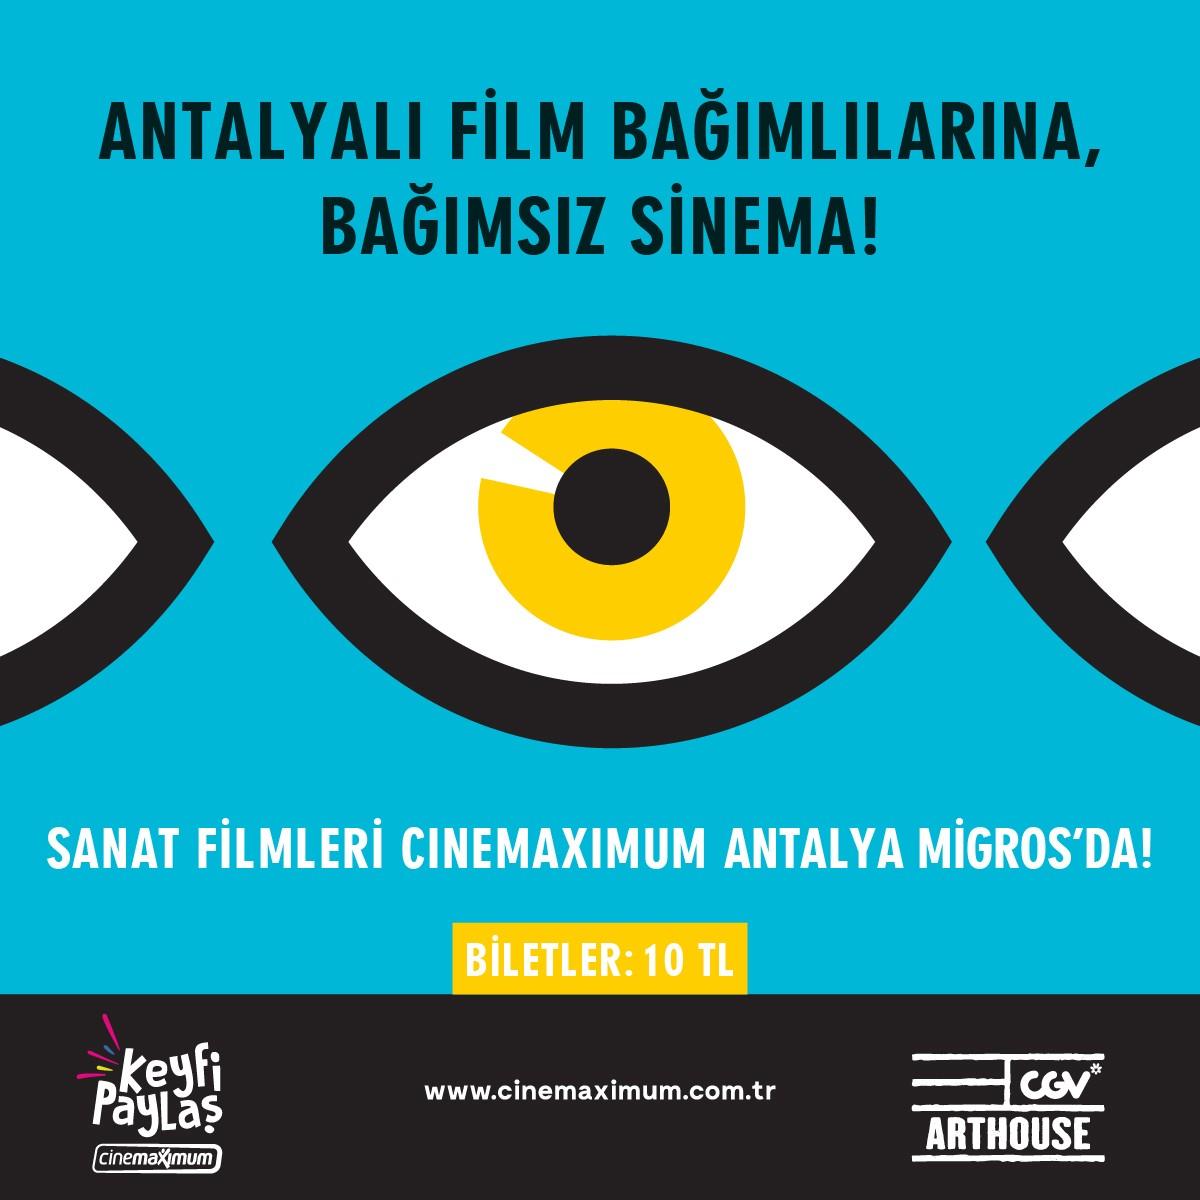 Antalyalı Film Bağımlılarına, Bağımsız Sinema!